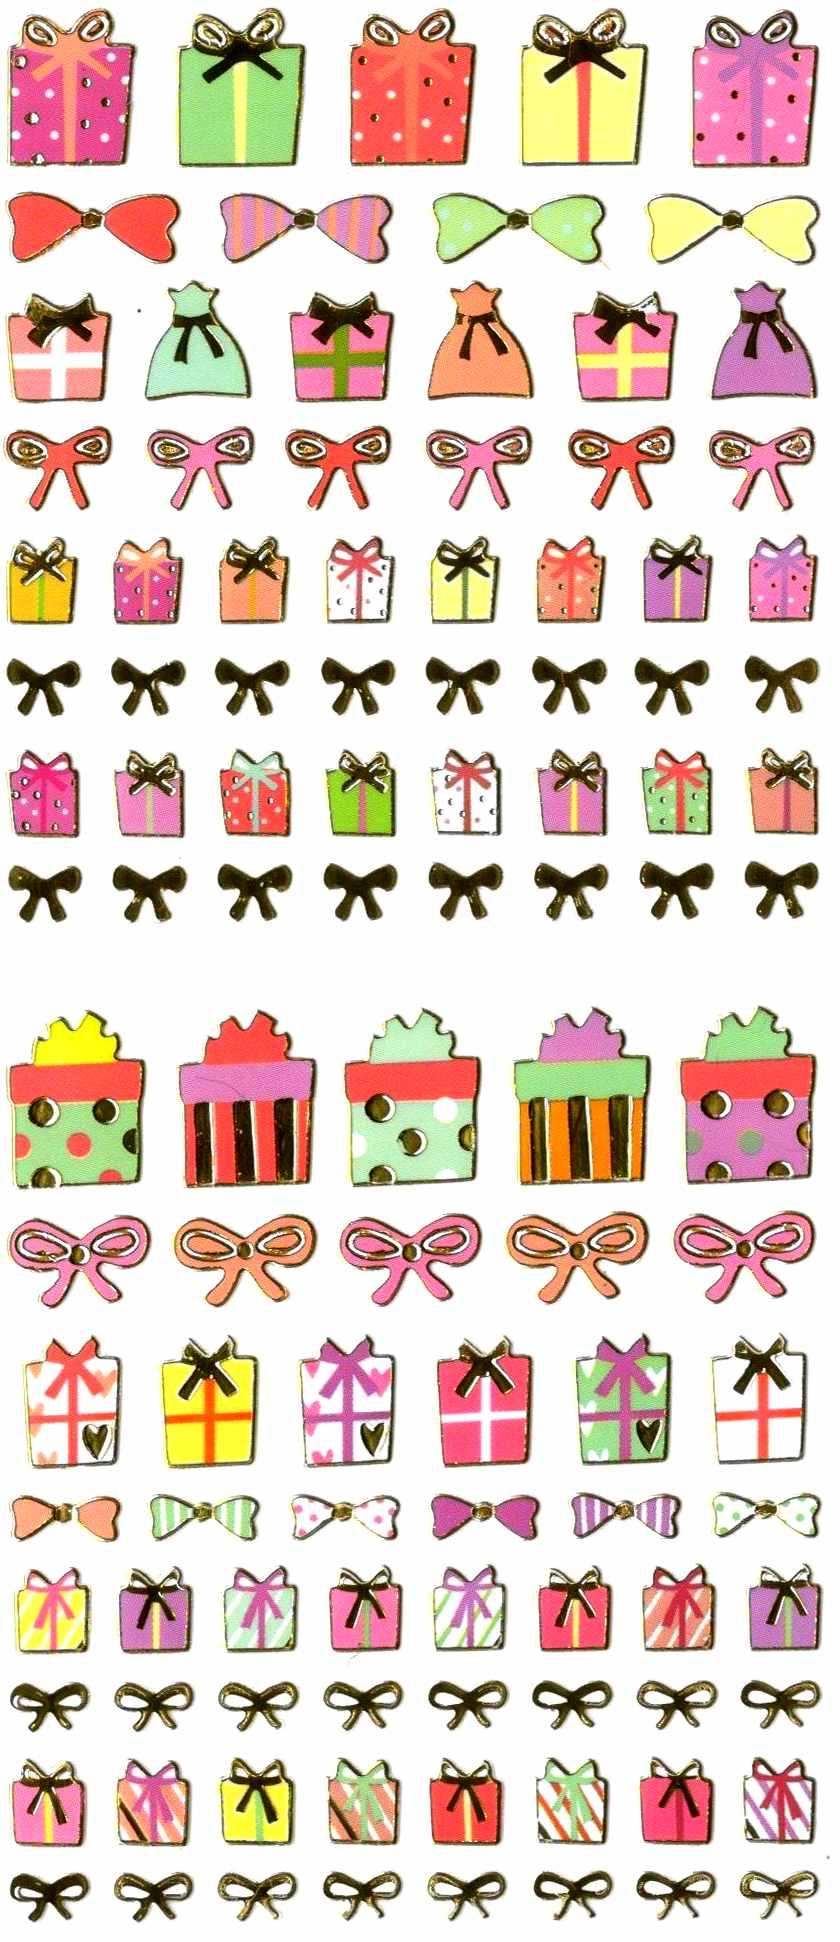 106 stickers Petits Cadeaux